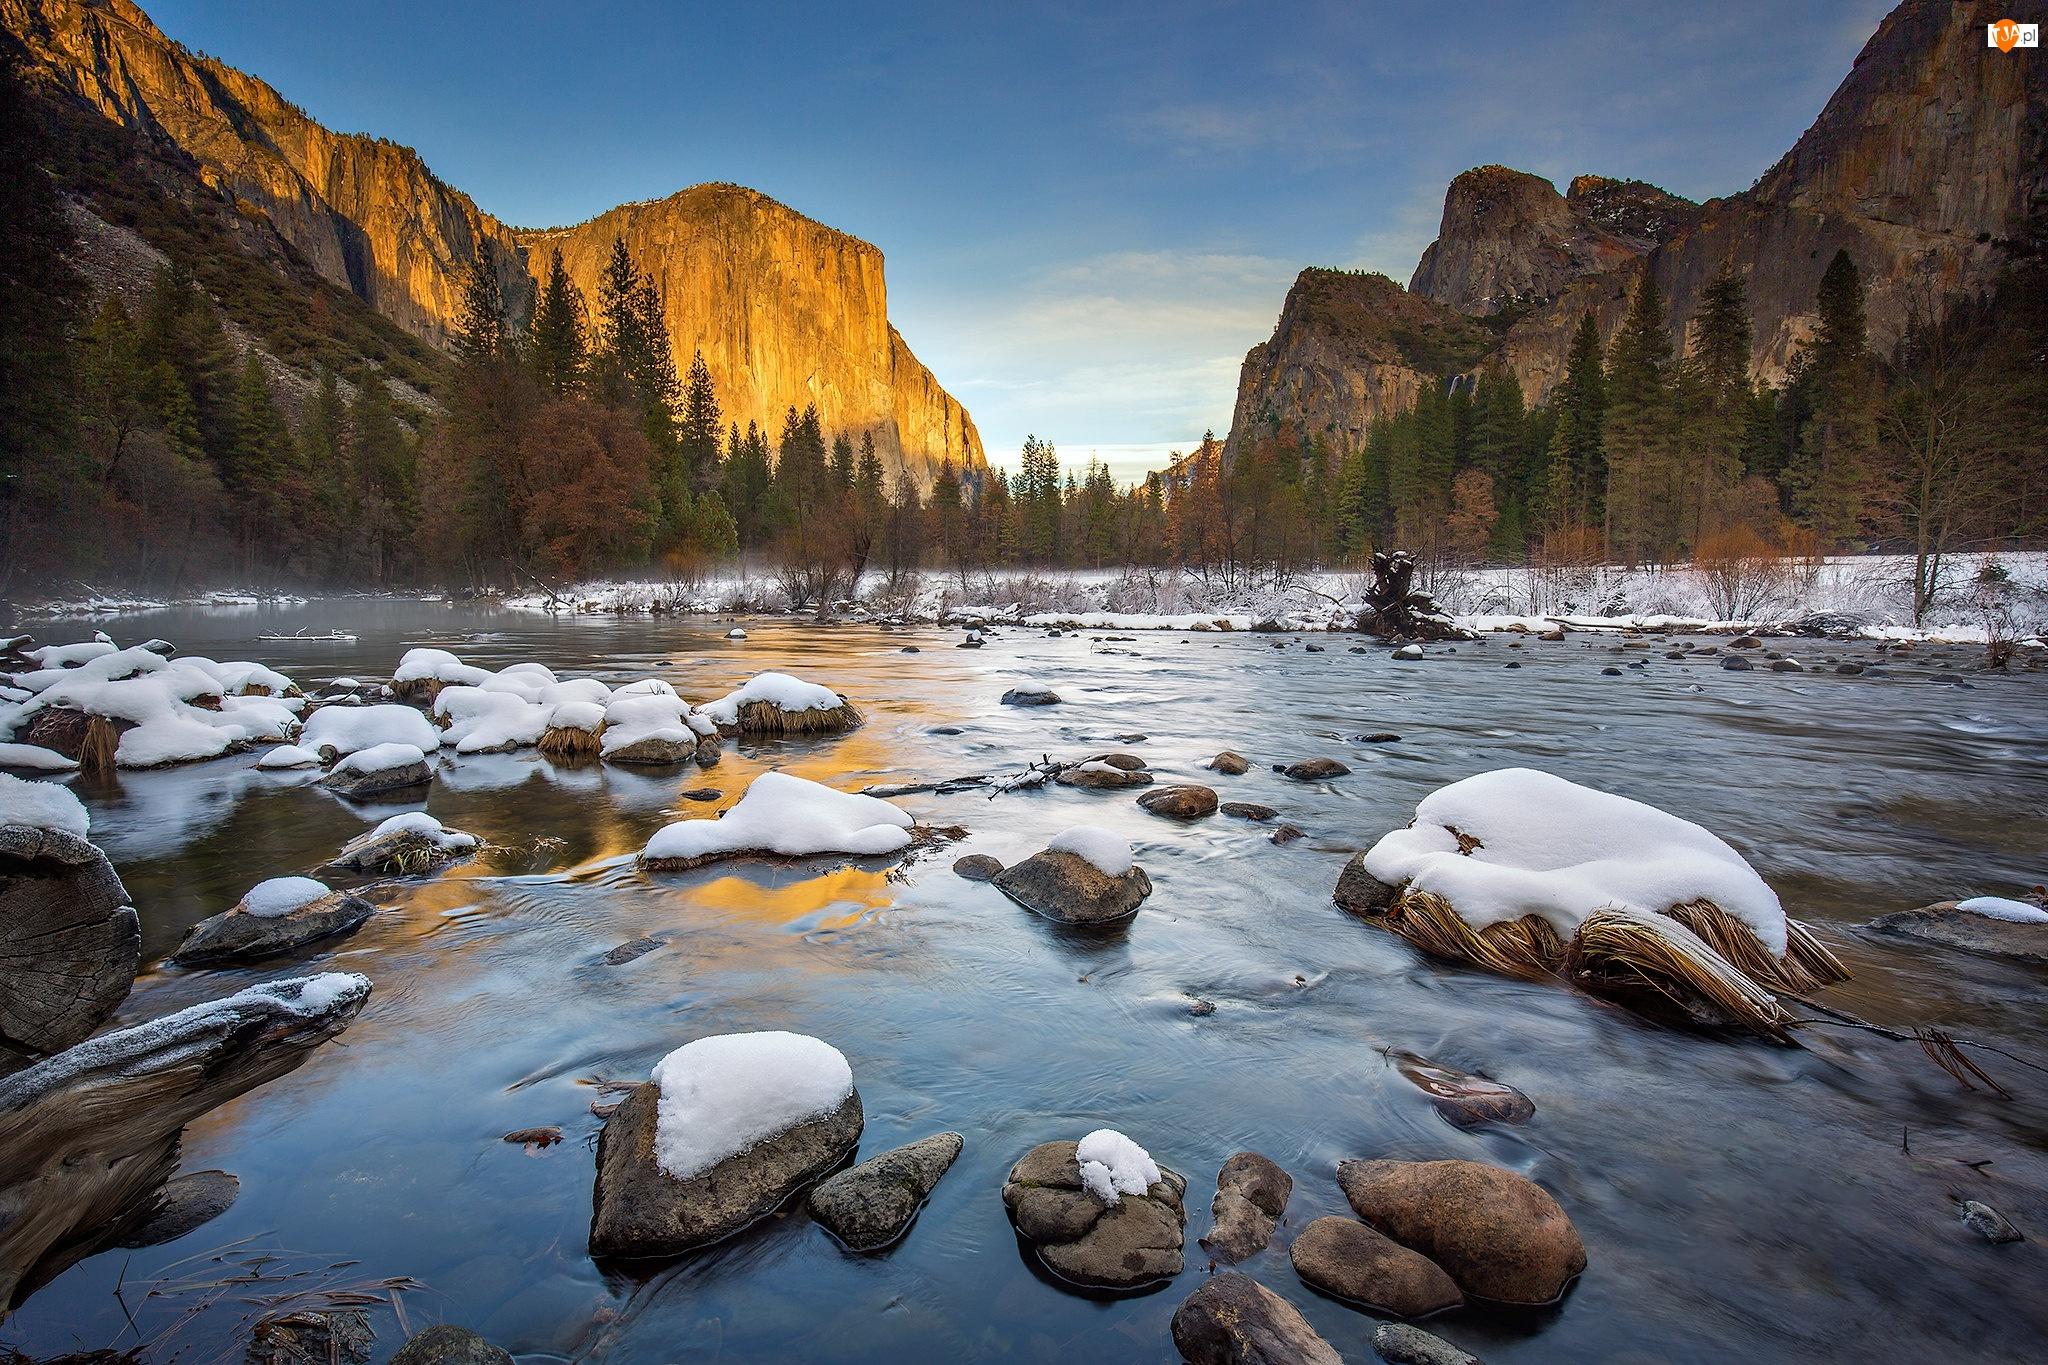 Stany Zjednoczone, Drzewa, Kalifornia, Zima, Park Narodowy Yosemite, Rzeka Merced, Ośnieżone, Góry, Kamienie